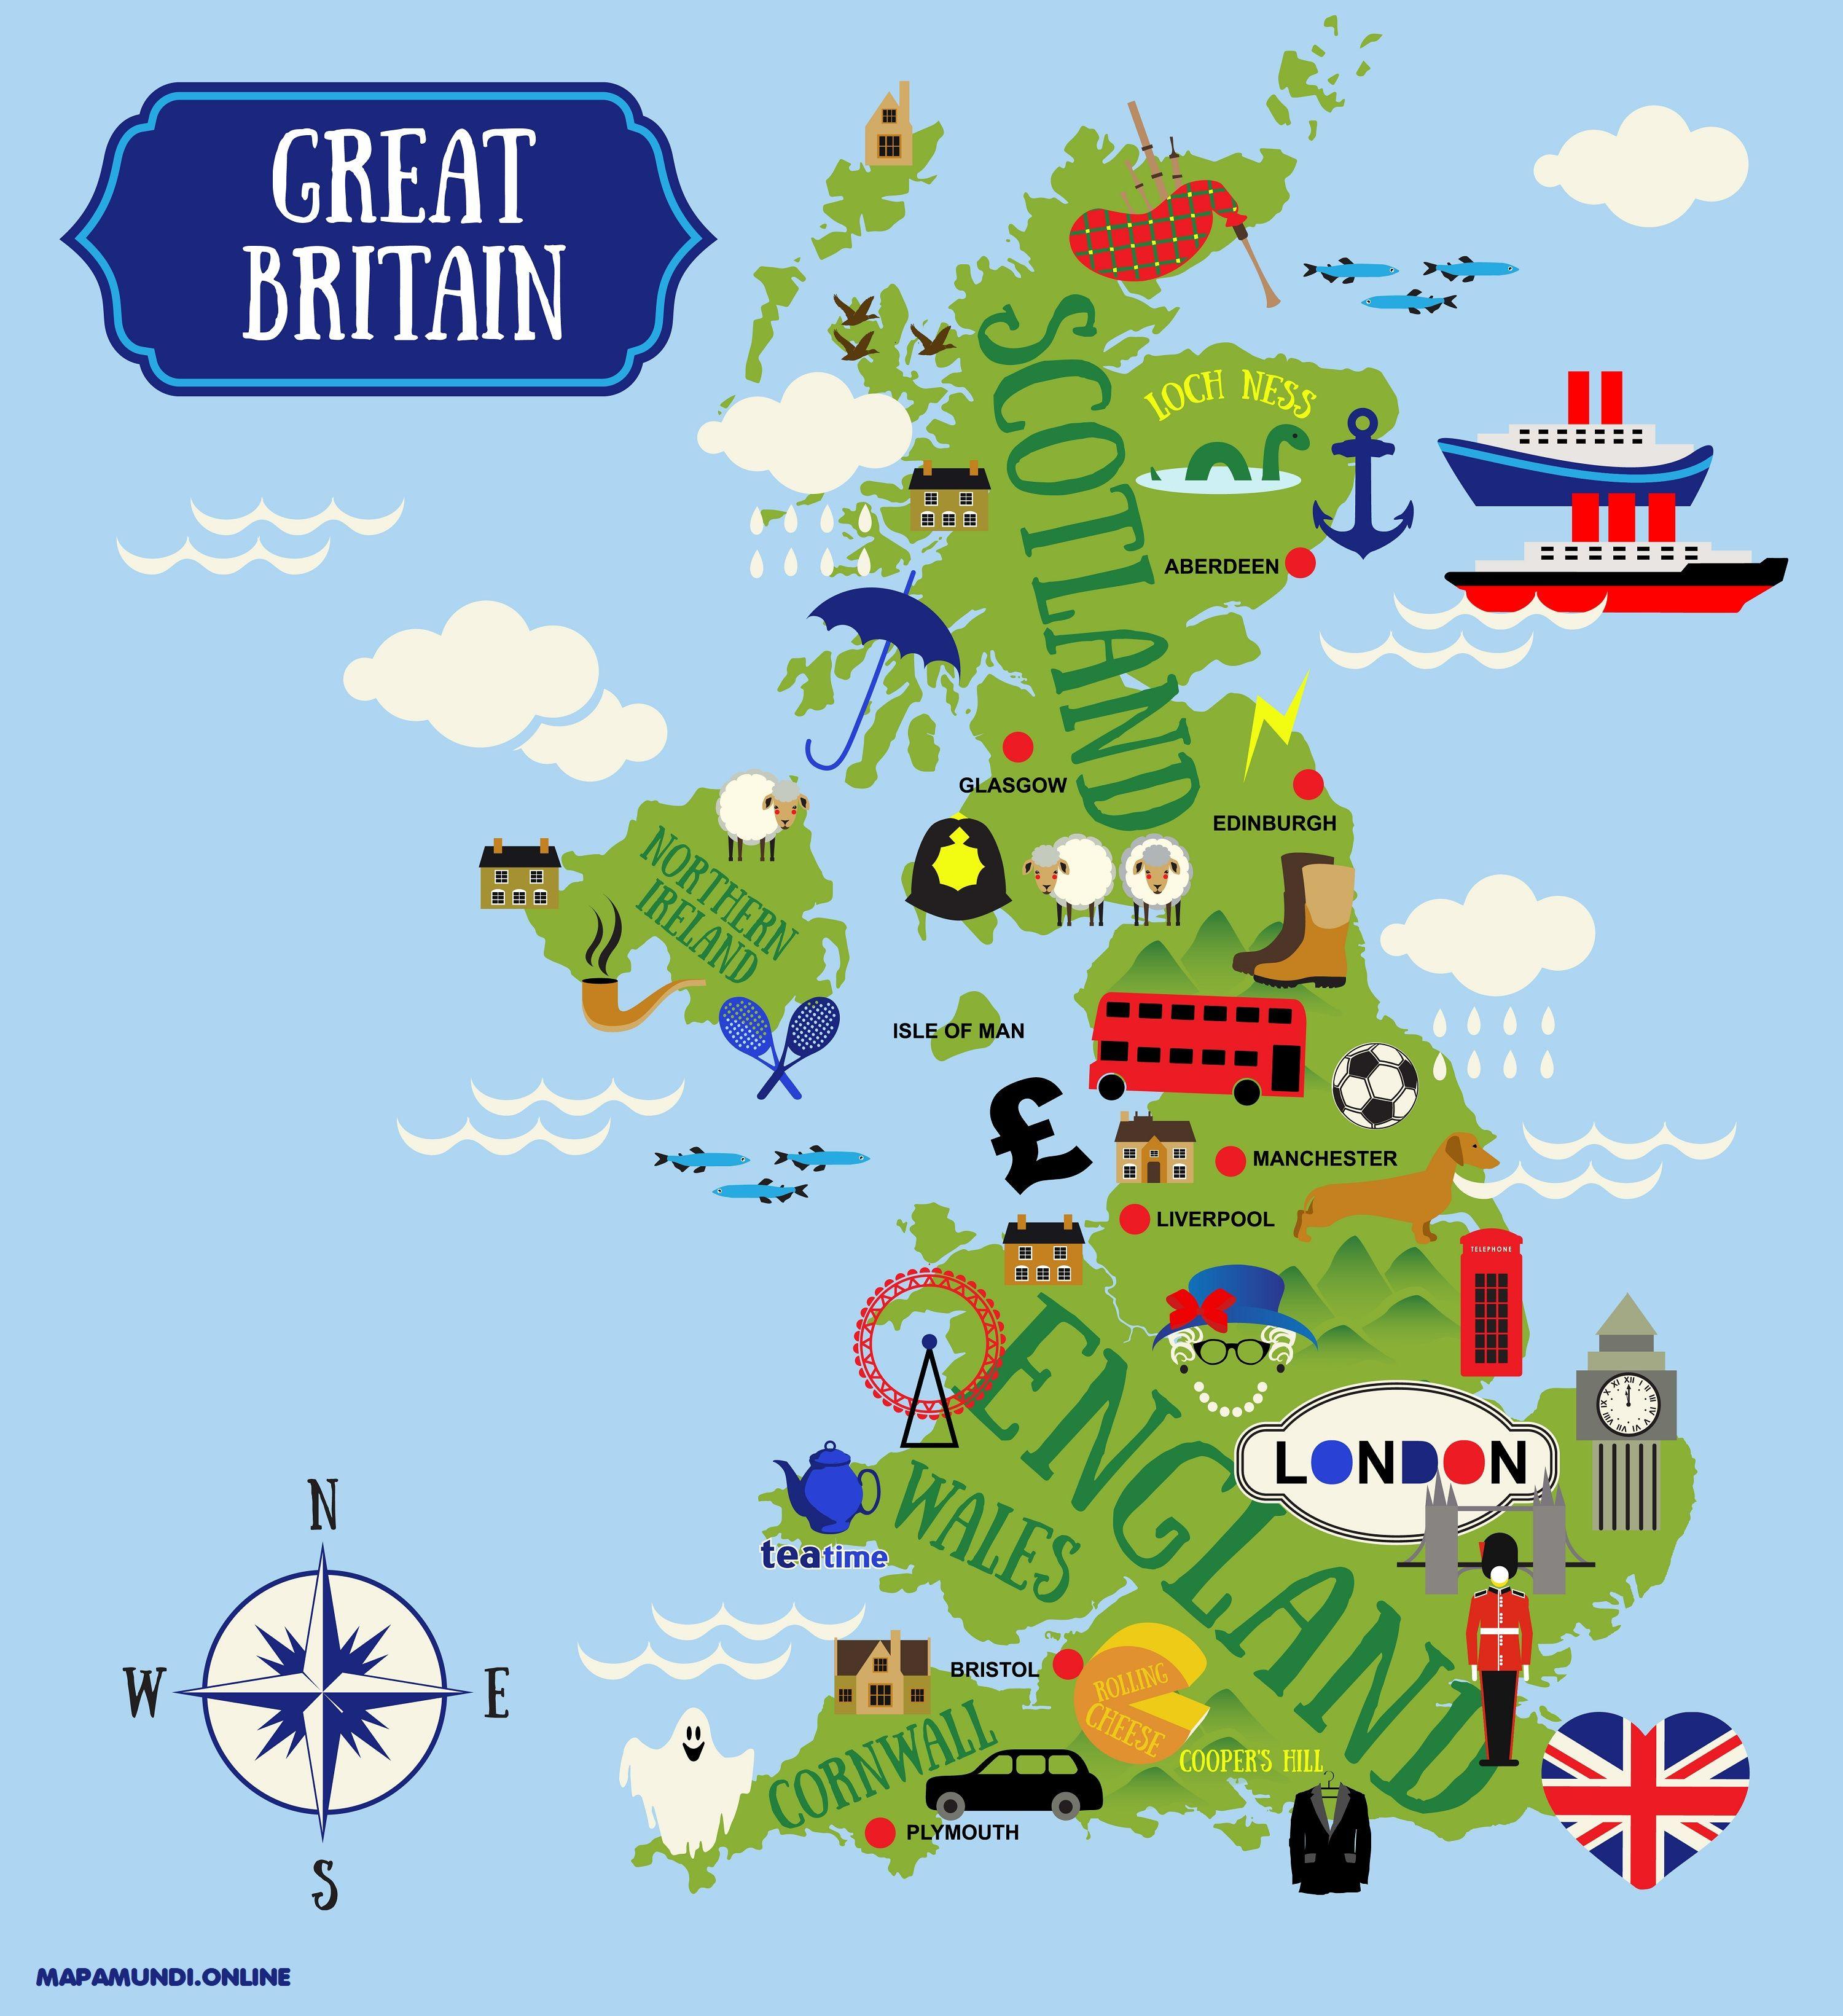 Mapa Politico Reino Unido Para Imprimir.Mapa Del Reino Unido Politico Fisico Imprimir